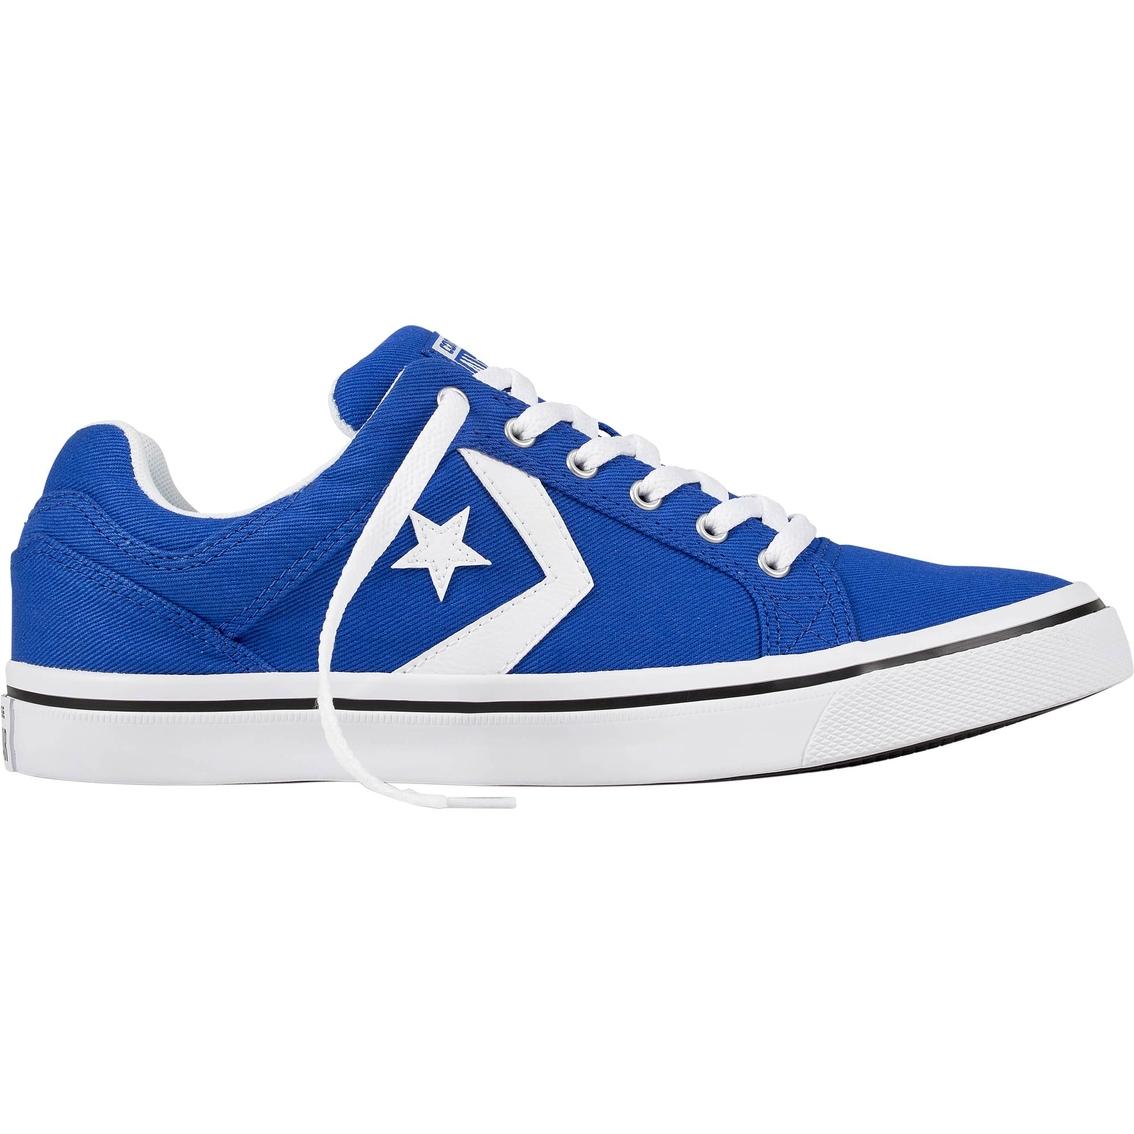 961f261aea41 Converse Chuck Taylor All Star Men s El Distrito Ox Sneakers. Please  correct the ...